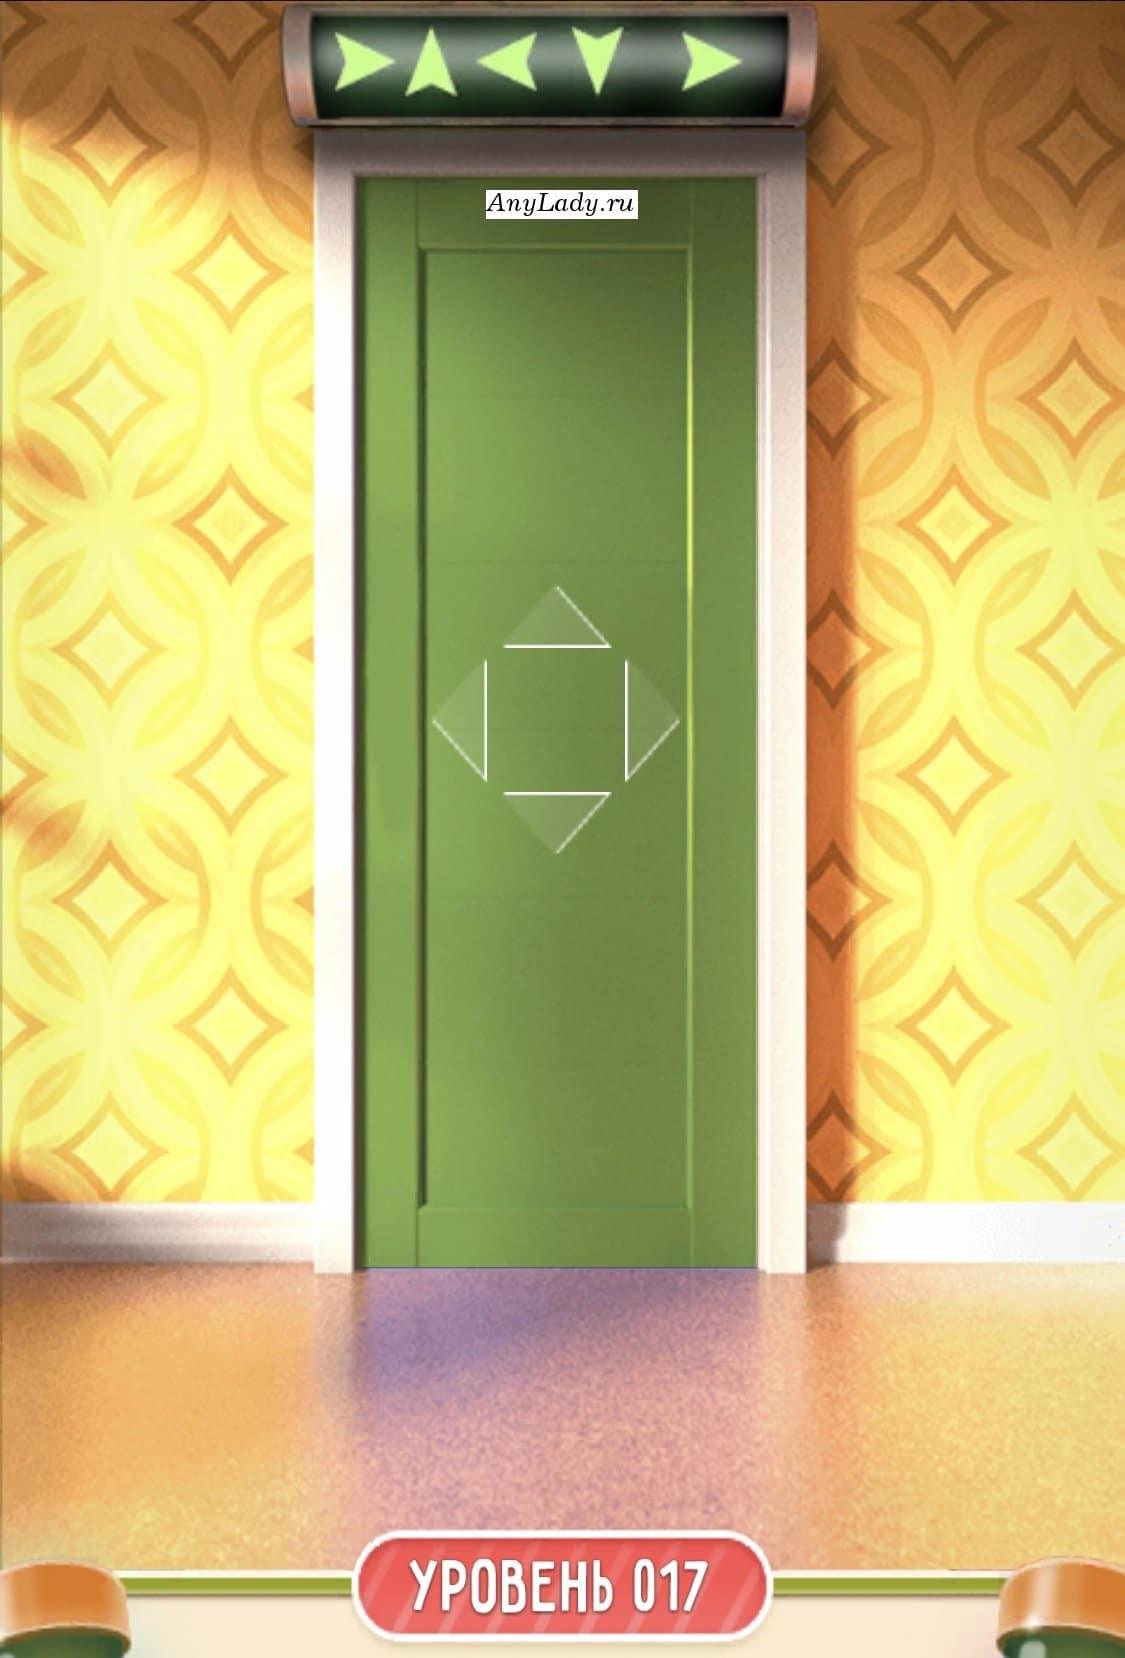 Обратите внимание на указатели стрелок вверху двери и по направлению стрелок отбрасывайте дверные полотна.